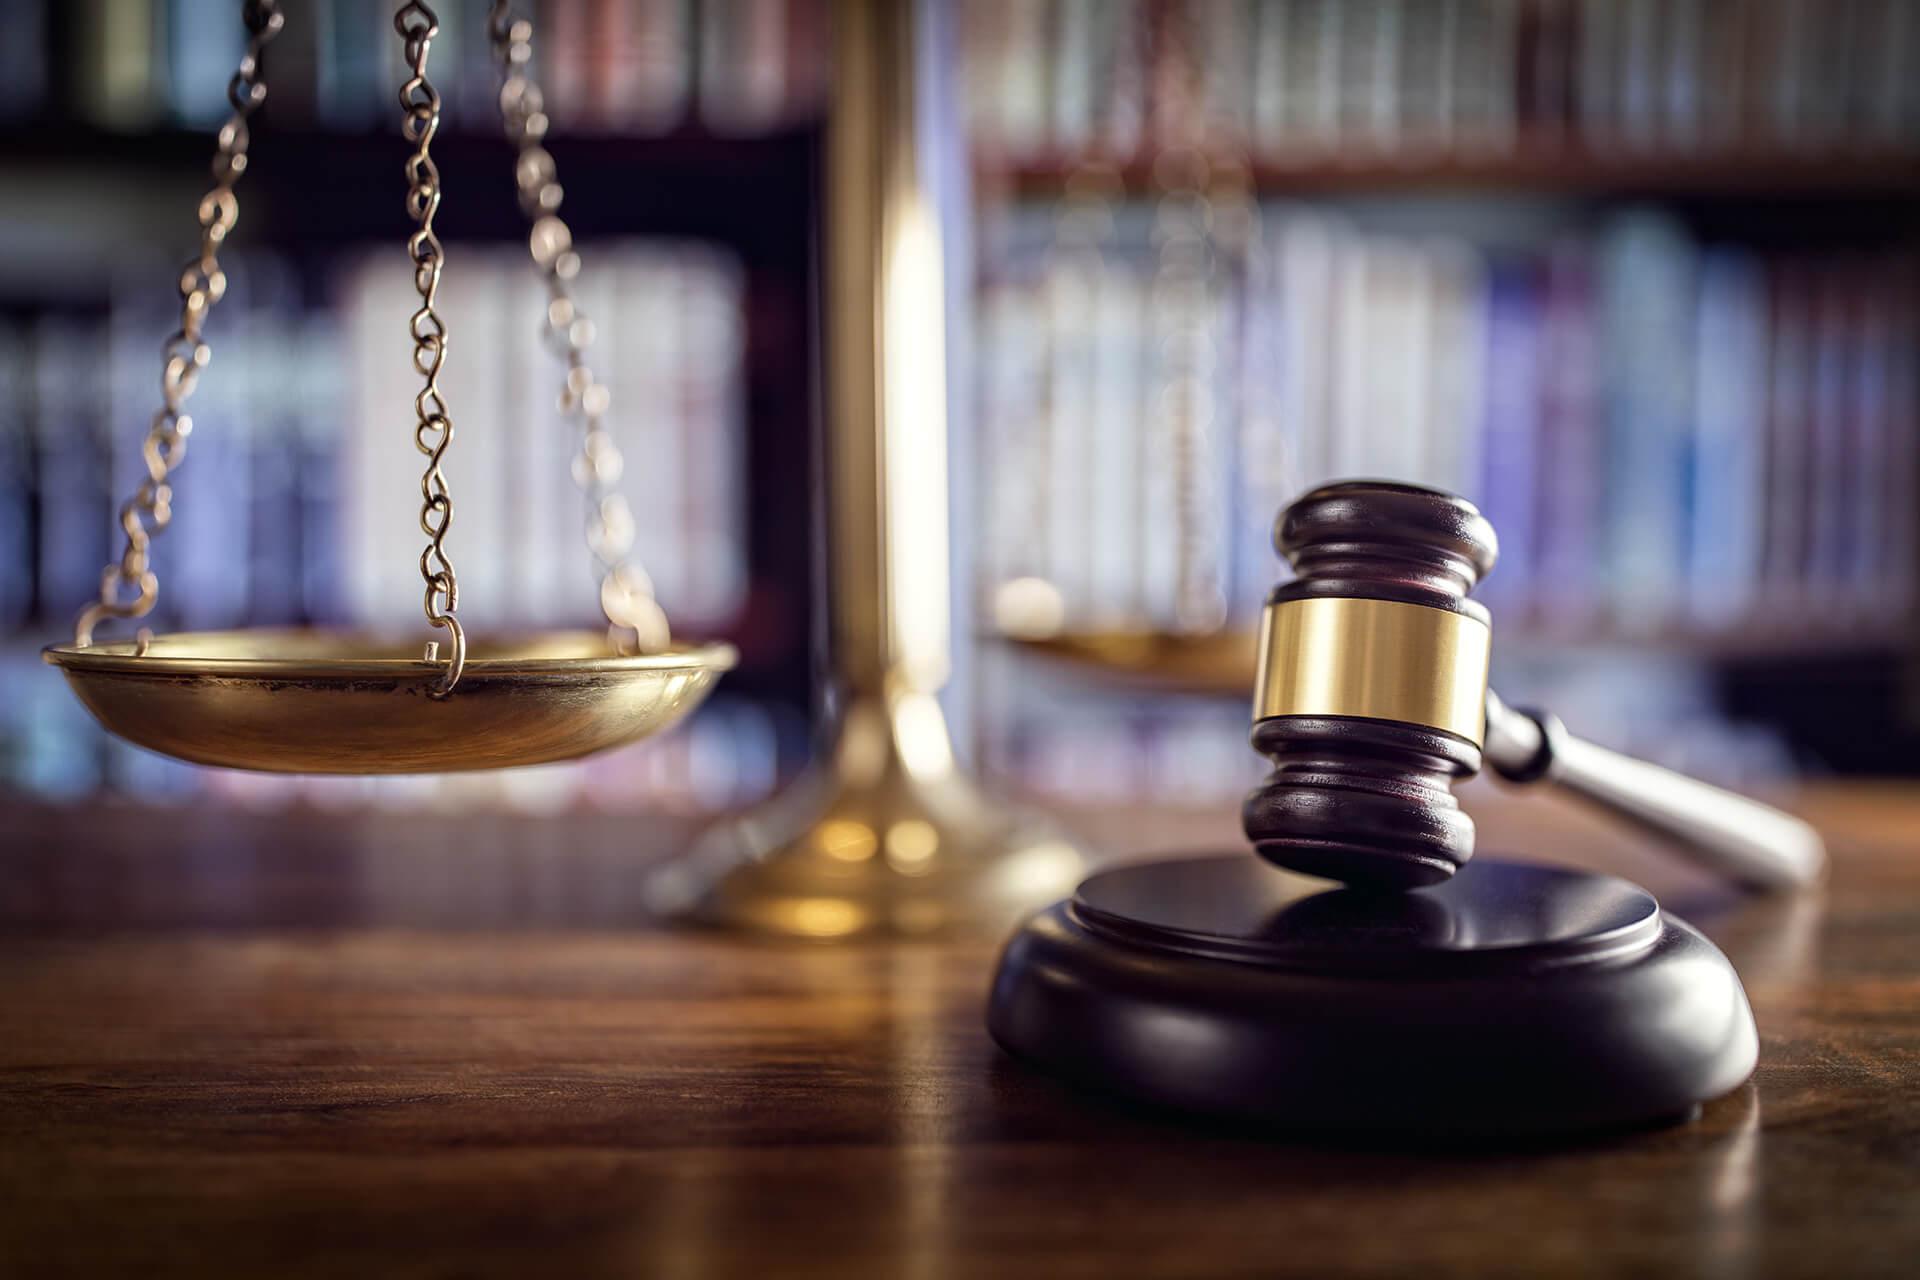 MP acusa homem de Barcelos que se divorciou para não pagar dívida